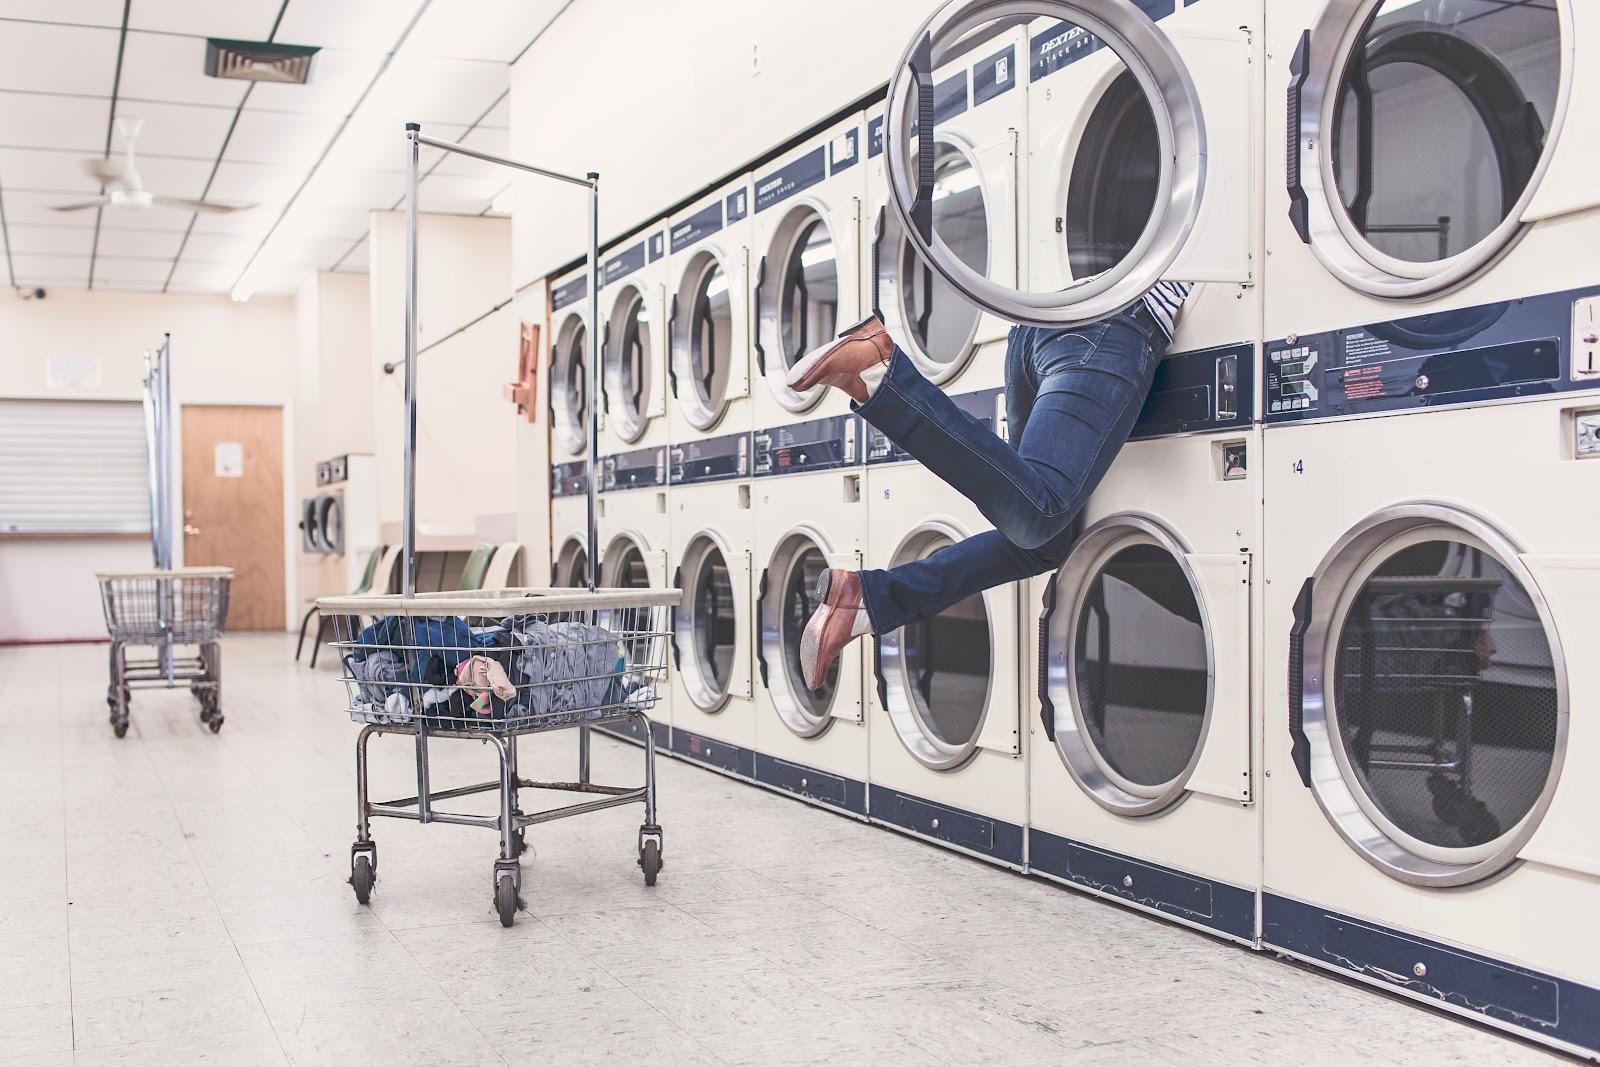 מכבסה גדולה, אישה נכנסת לתוך אחת ממכונות הכביסה